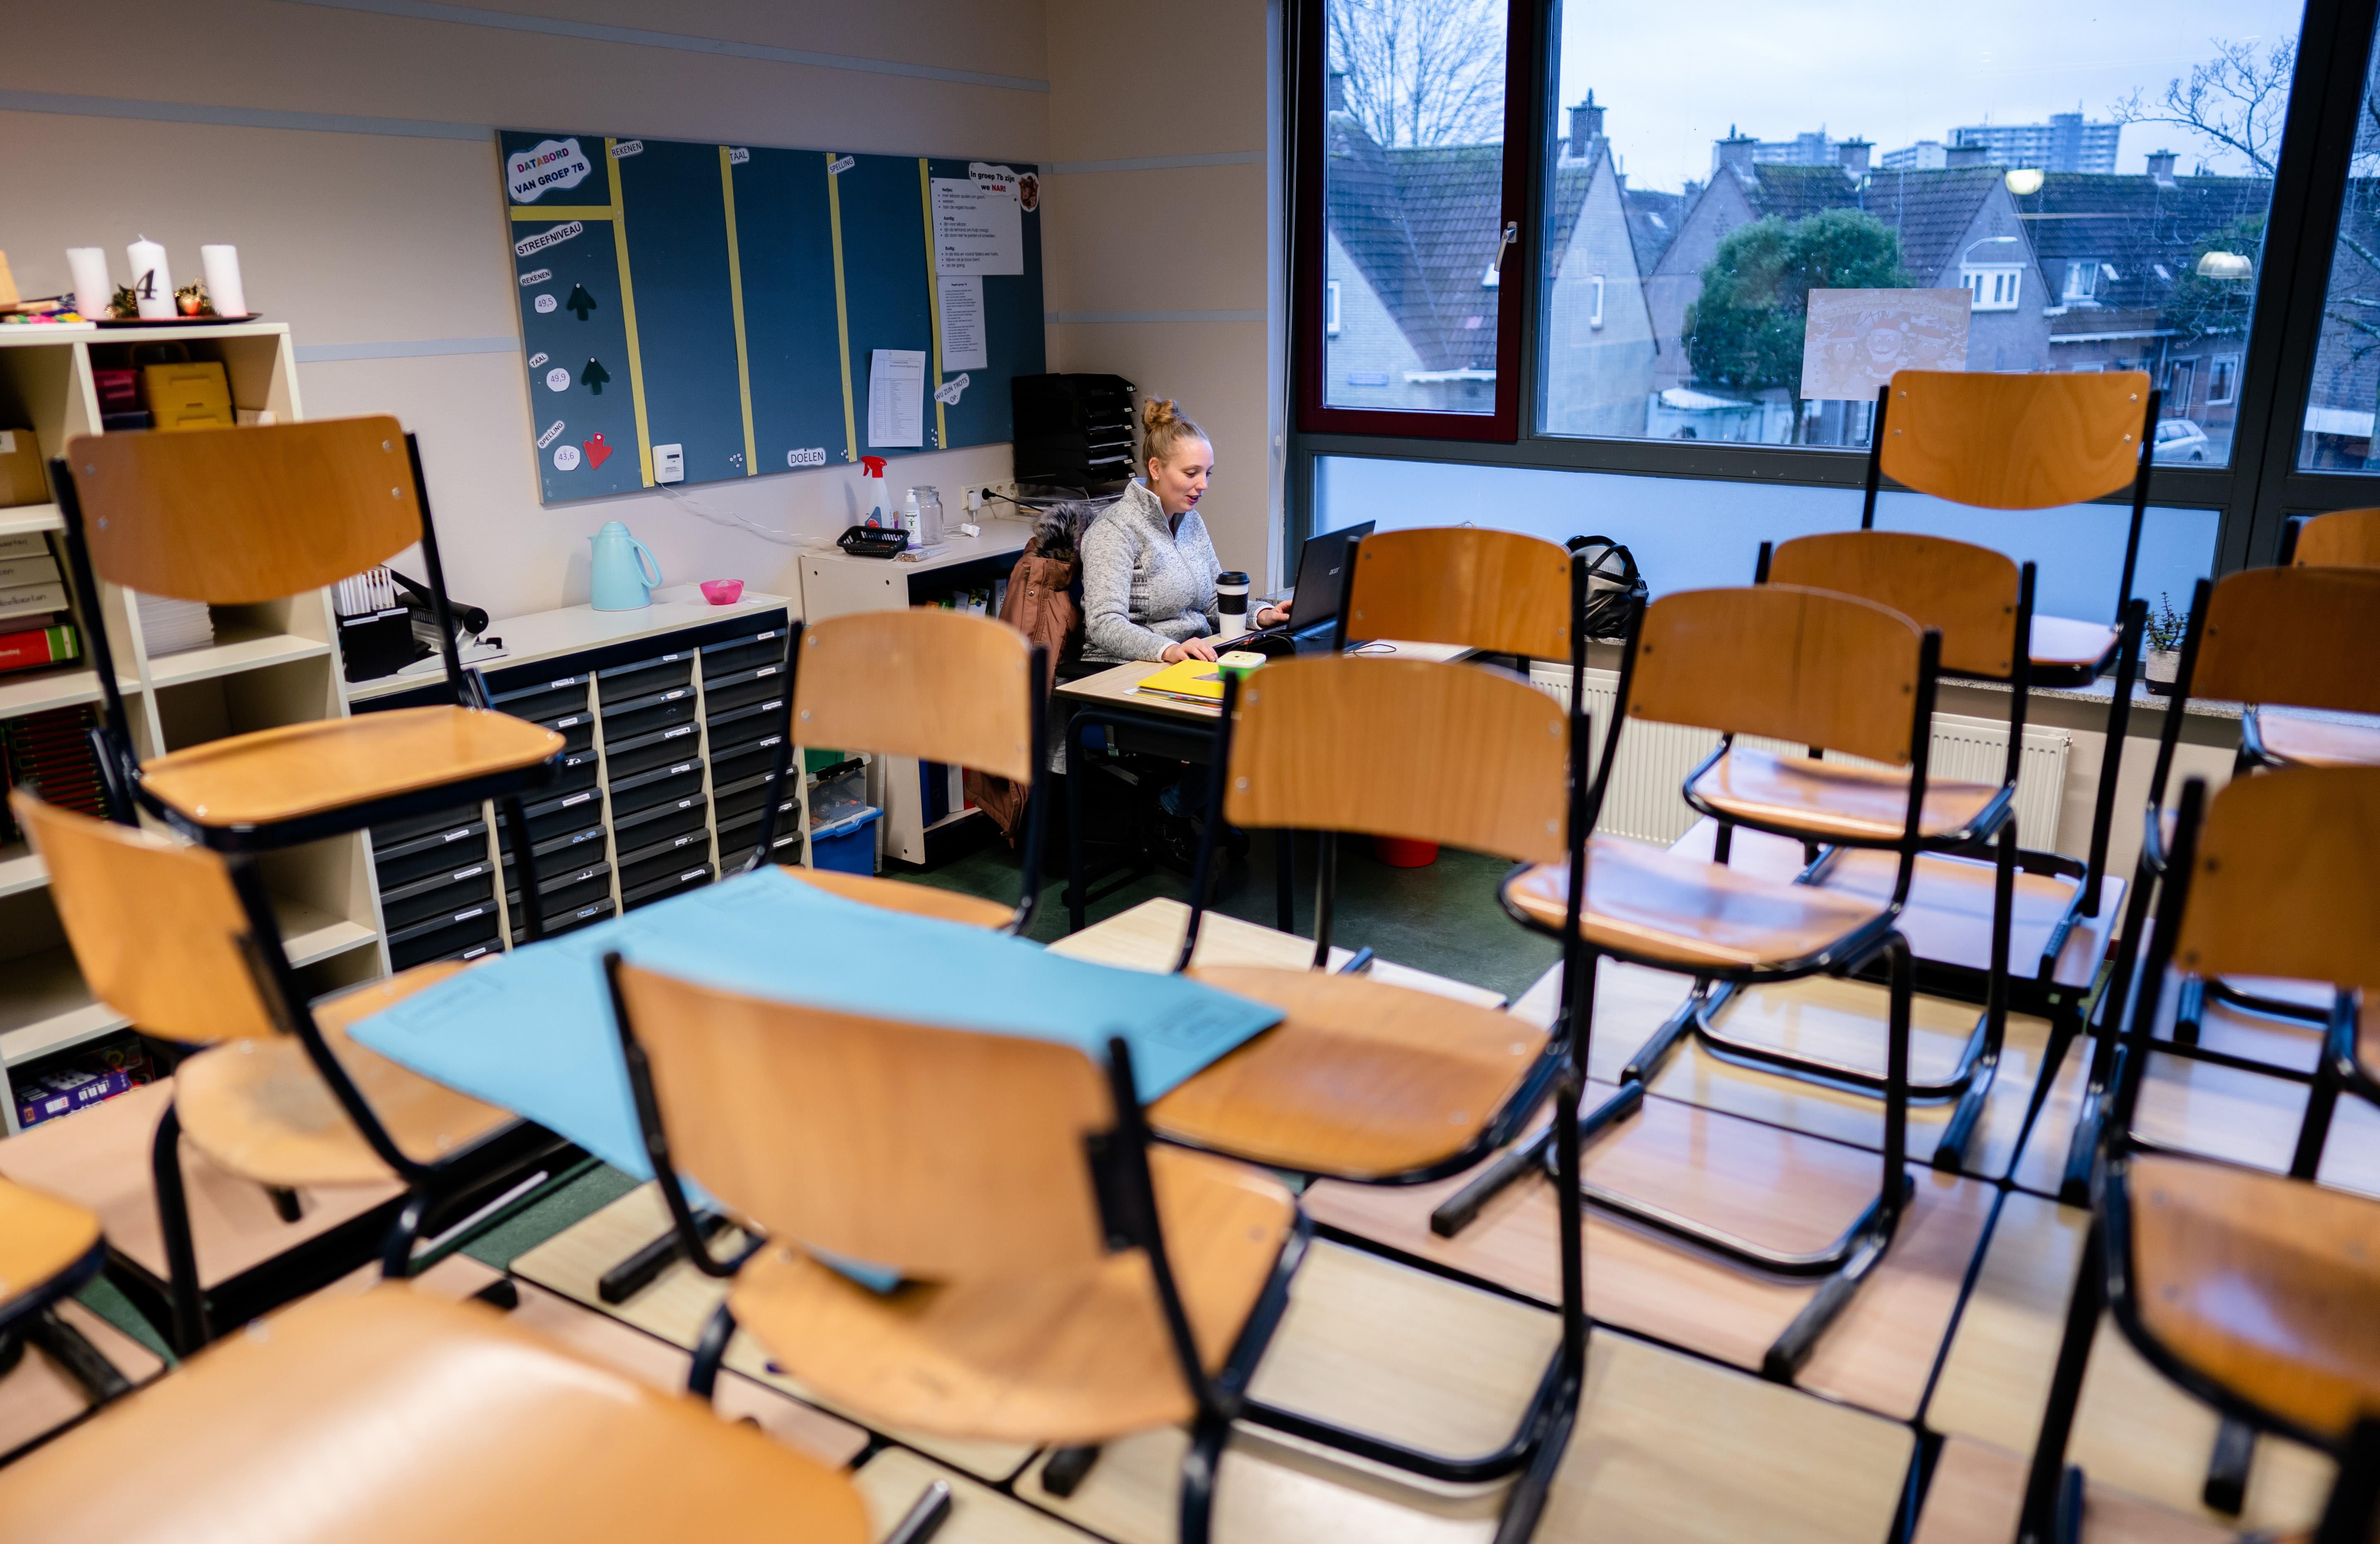 Een juf op een van de basisscholen die digitaal lesgeeft vanuit een leeg lokaal